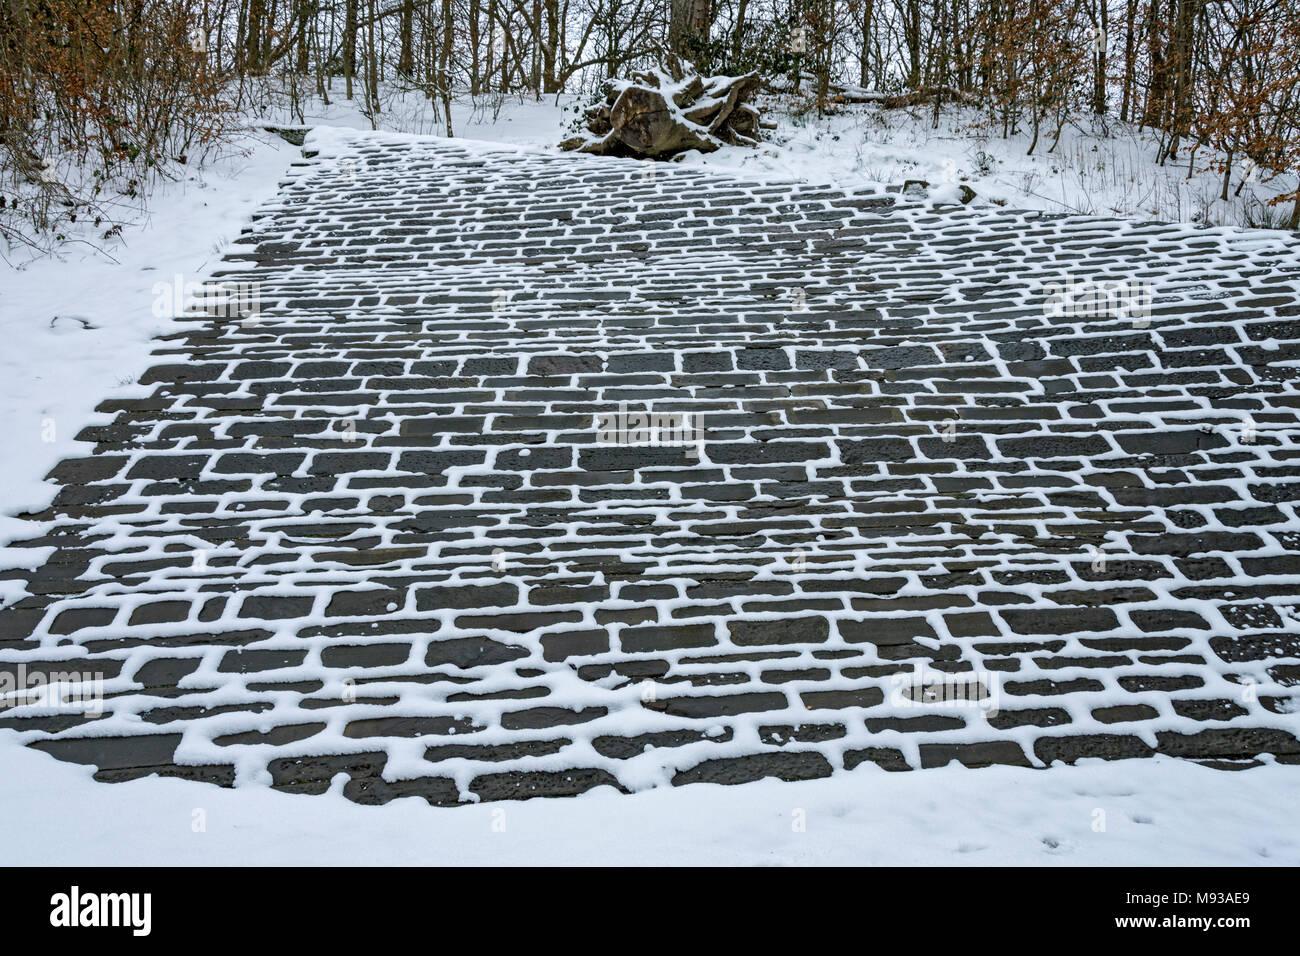 El derretimiento de la nieve sacando el apuntando sobre un terraplén de piedra en el rincón de Margarita, Failsworth Country Park, Manchester, Inglaterra, Reino Unido. Imagen De Stock